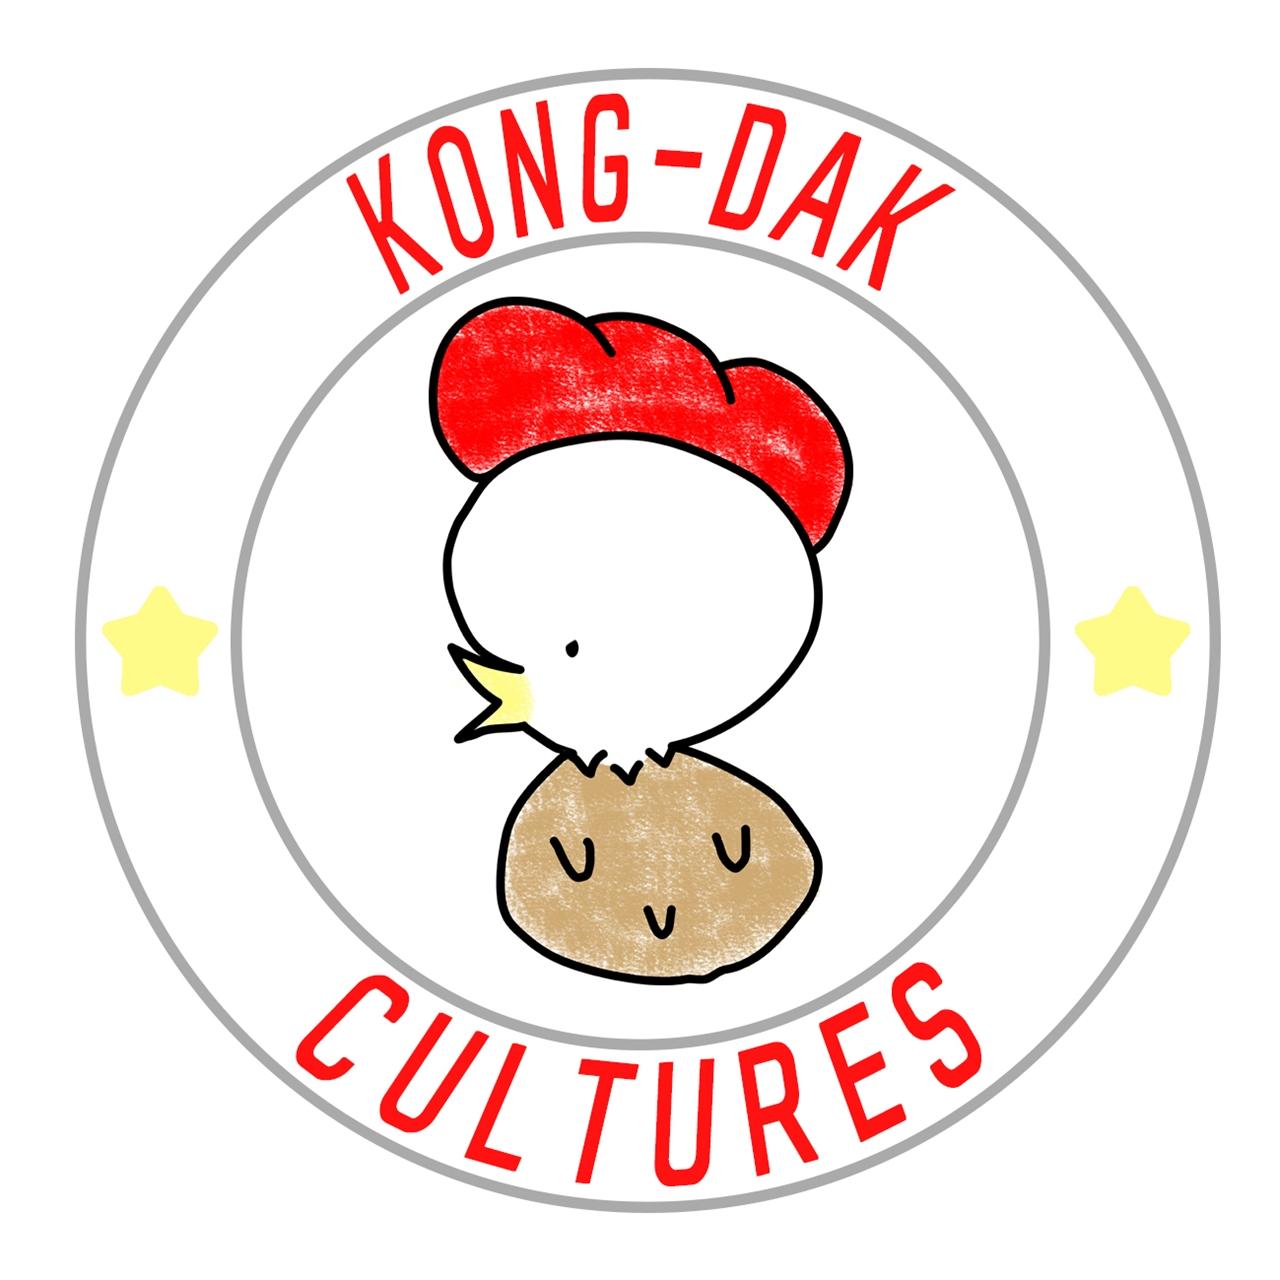 콩닭컬처스 로고 콘텐츠 제작자 나주찬감독은 콘텐츠 제작회사 콩닭컬쳐스를 설립하였다.